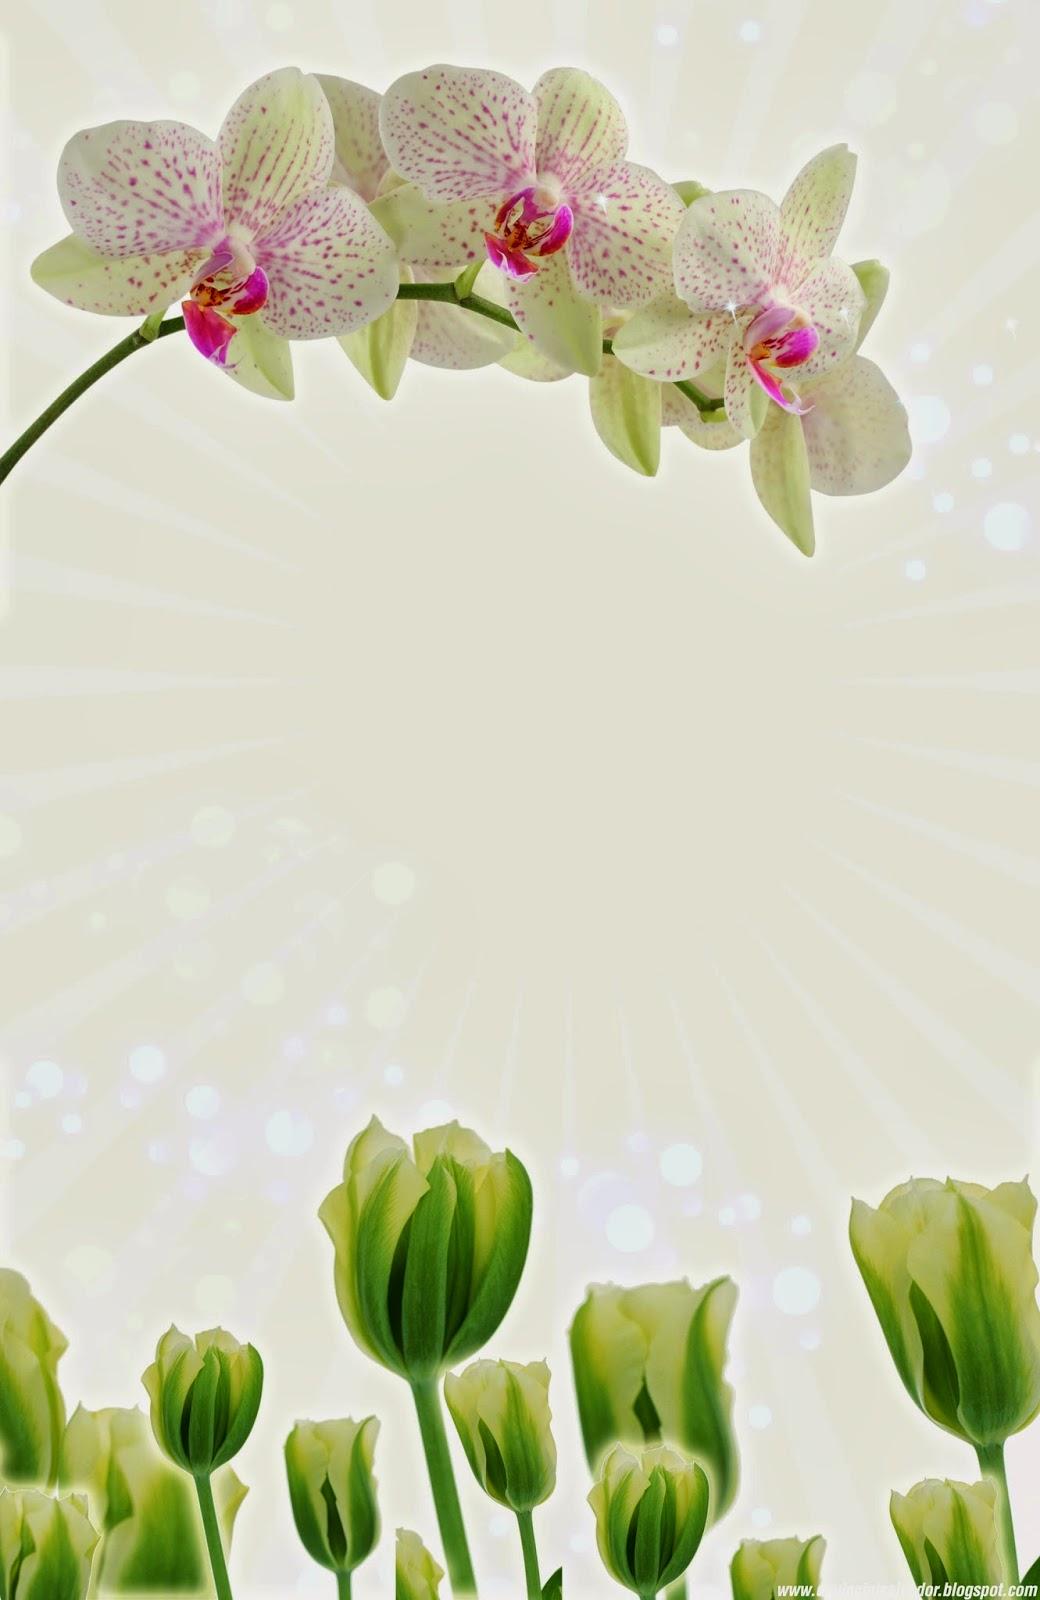 Arreglo Floral Imágenes De Archivo, Vectores 123RF - Imagenes De Flores Orquideas Y Tulipanes